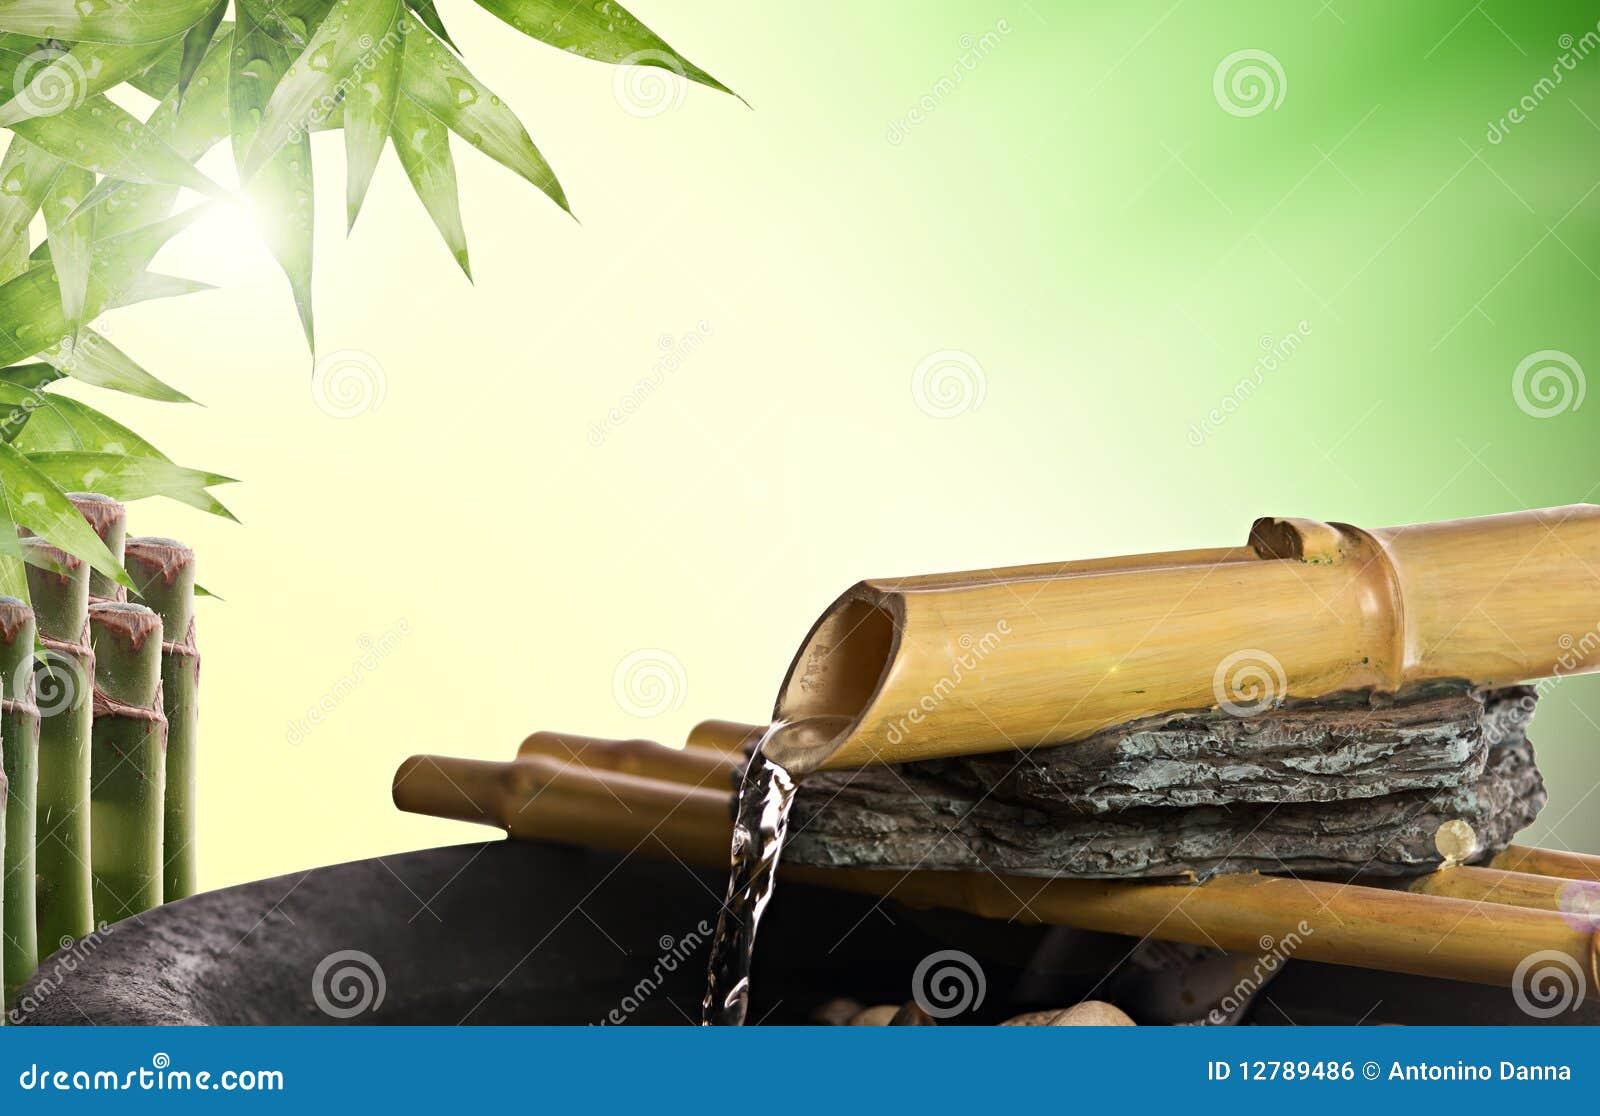 Fontaine de bambou de zen image libre de droits image for Fontaine interieur bambou